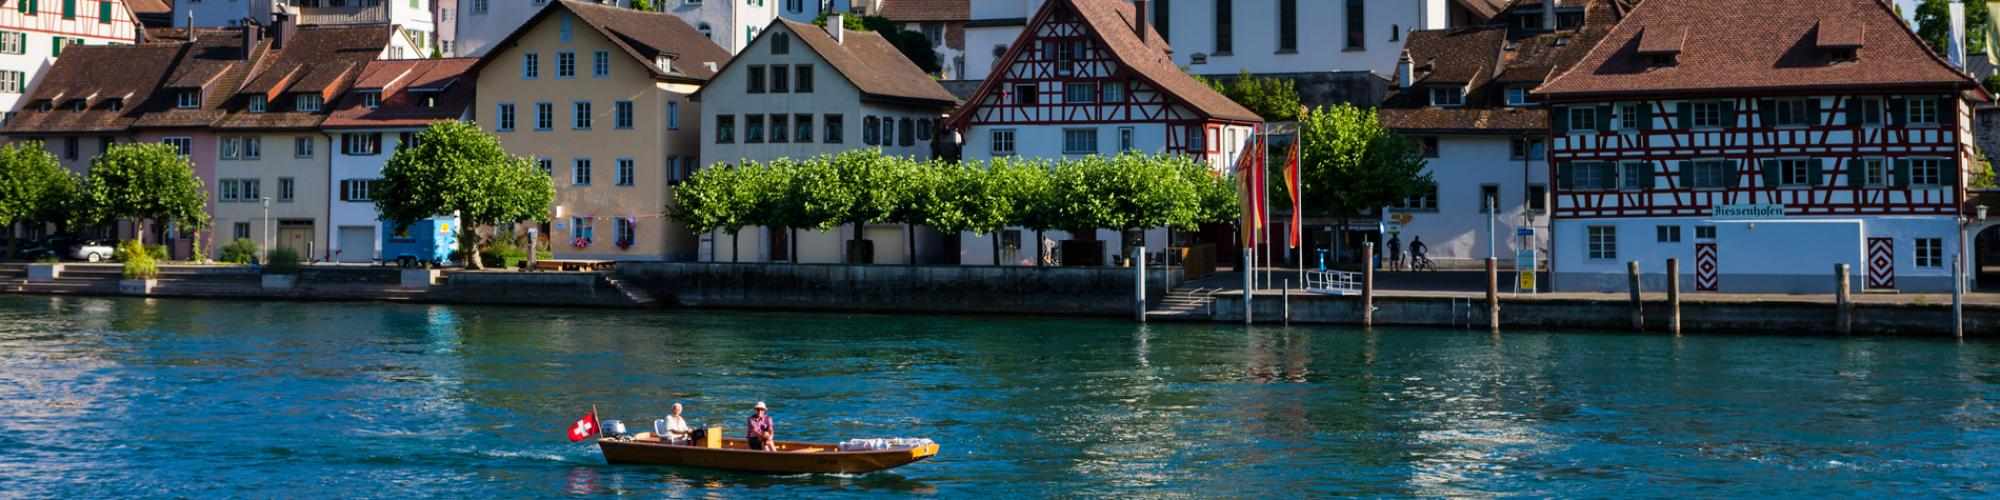 Kanton Thurgau